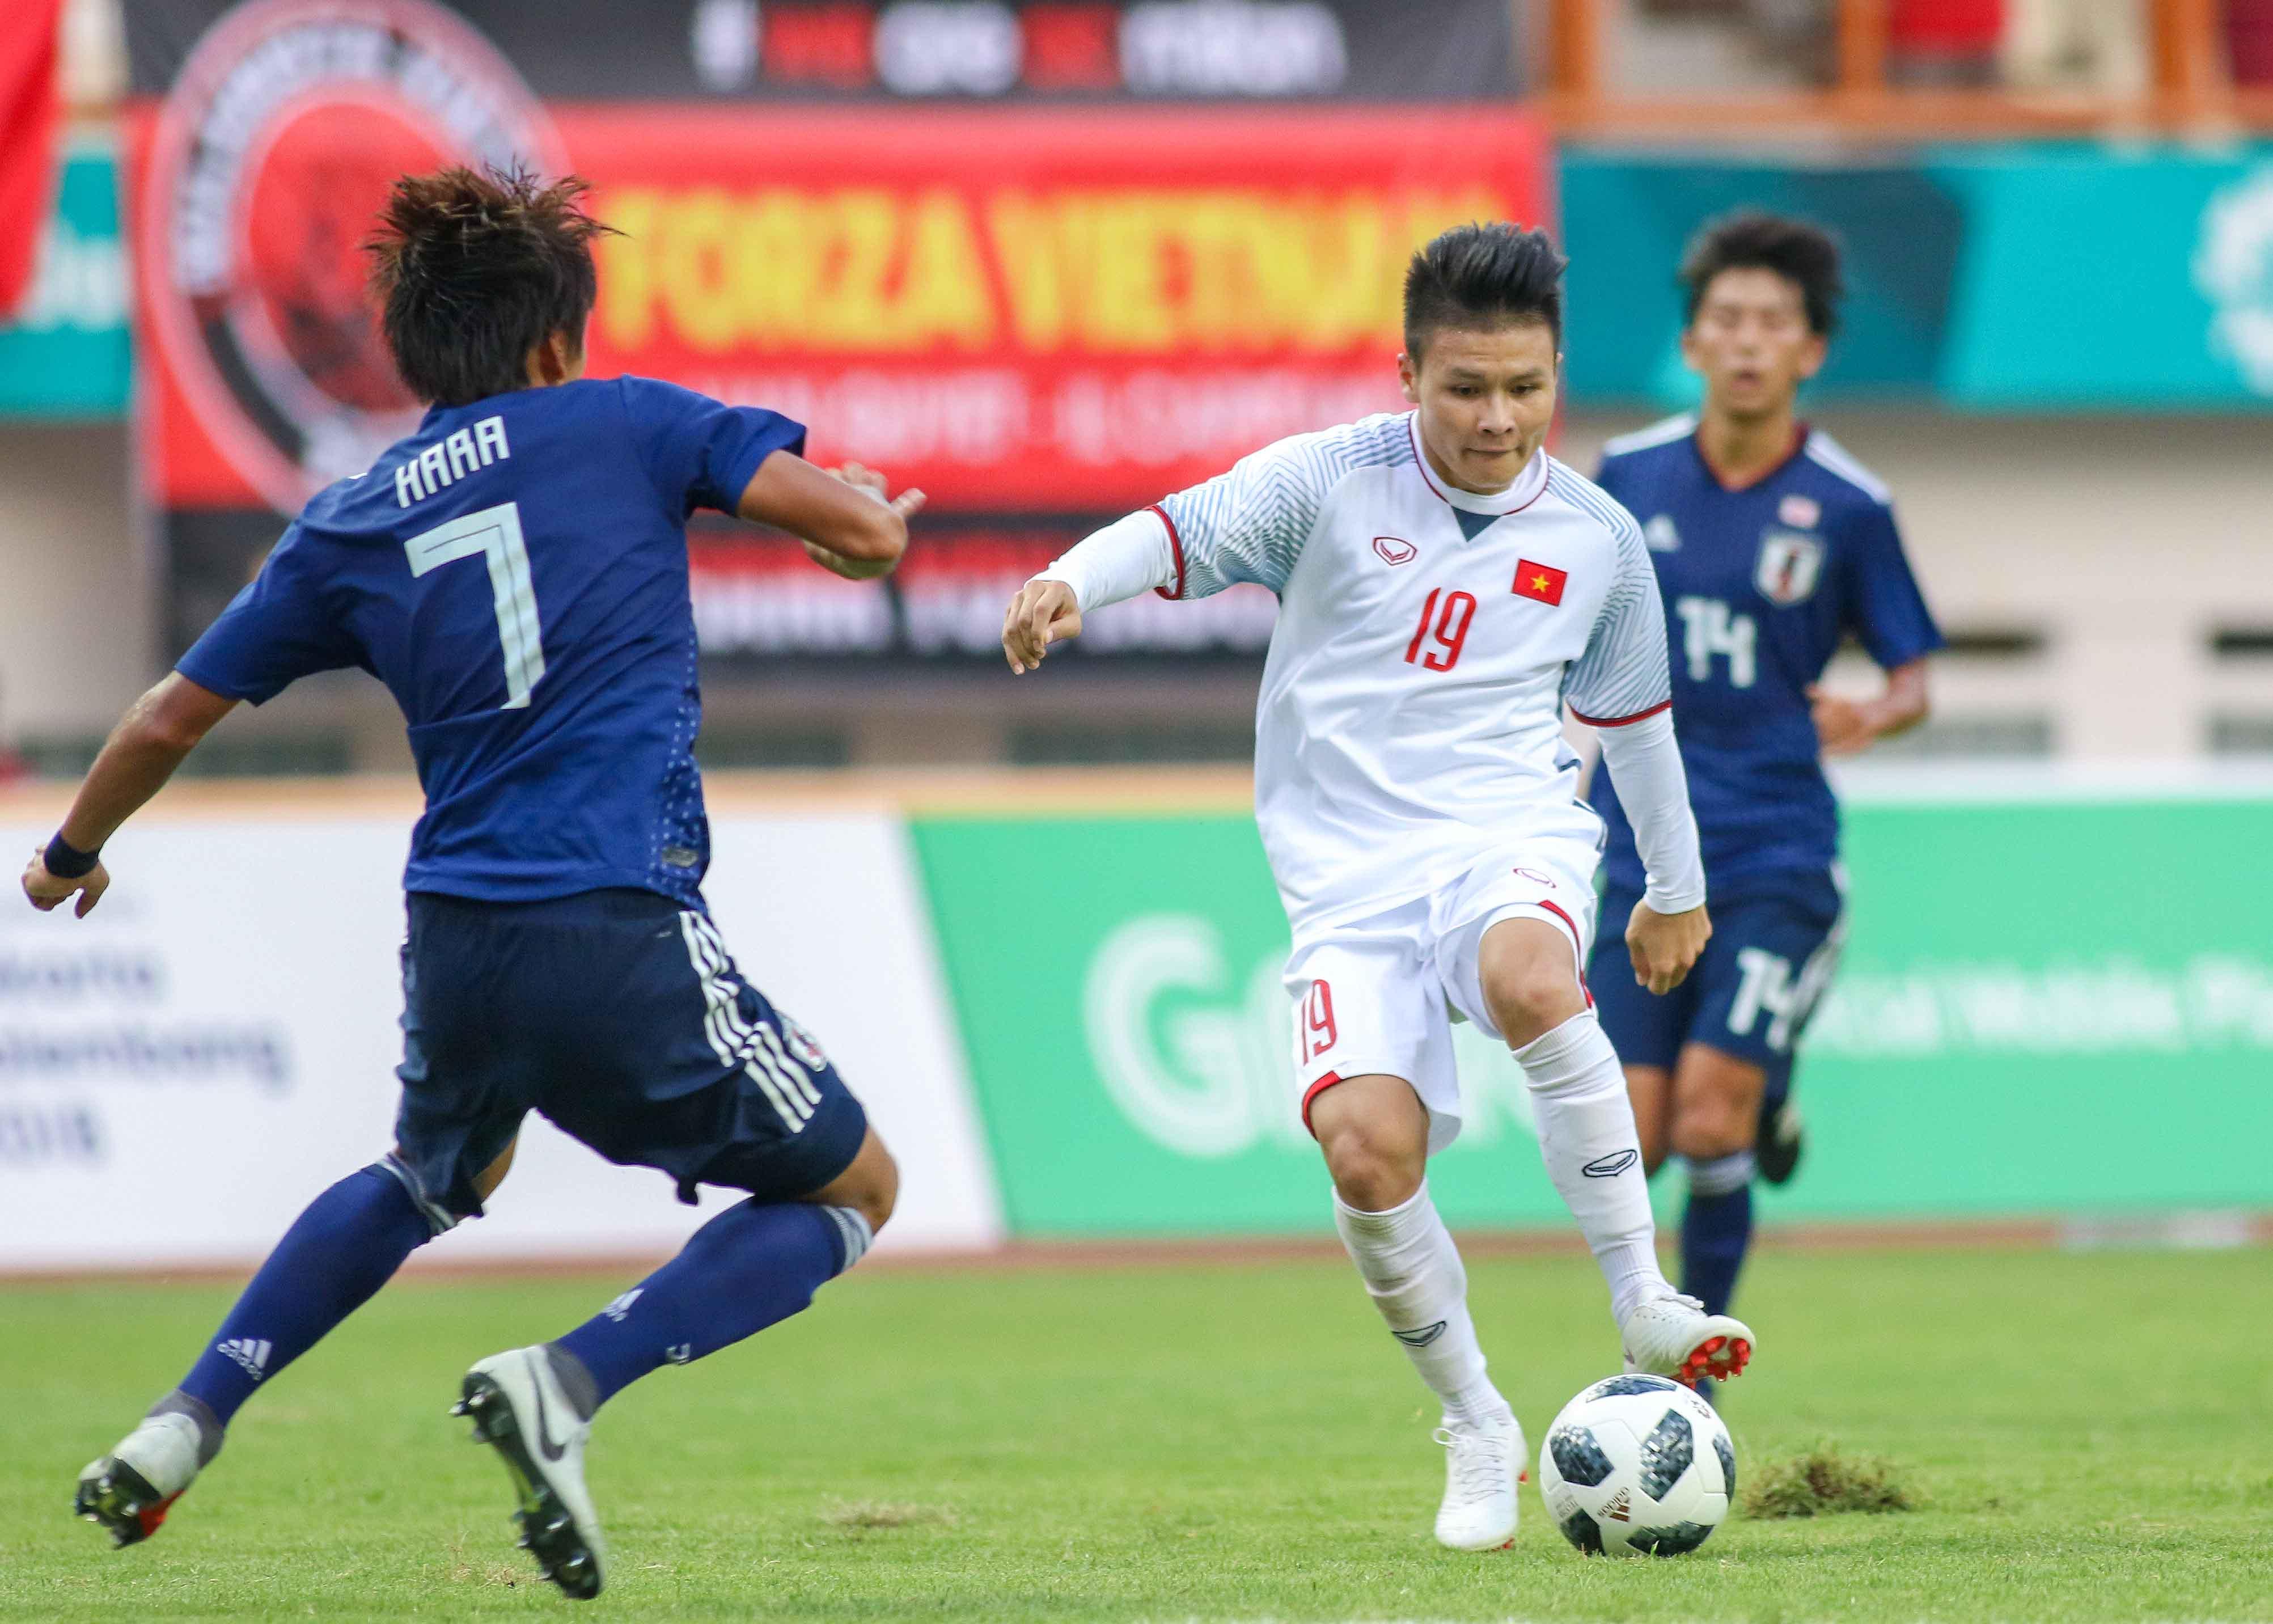 Quang Hải có tên trong danh sách đội hình tiêu biểu ASIAD 2018. Ảnh: Huy Hùng